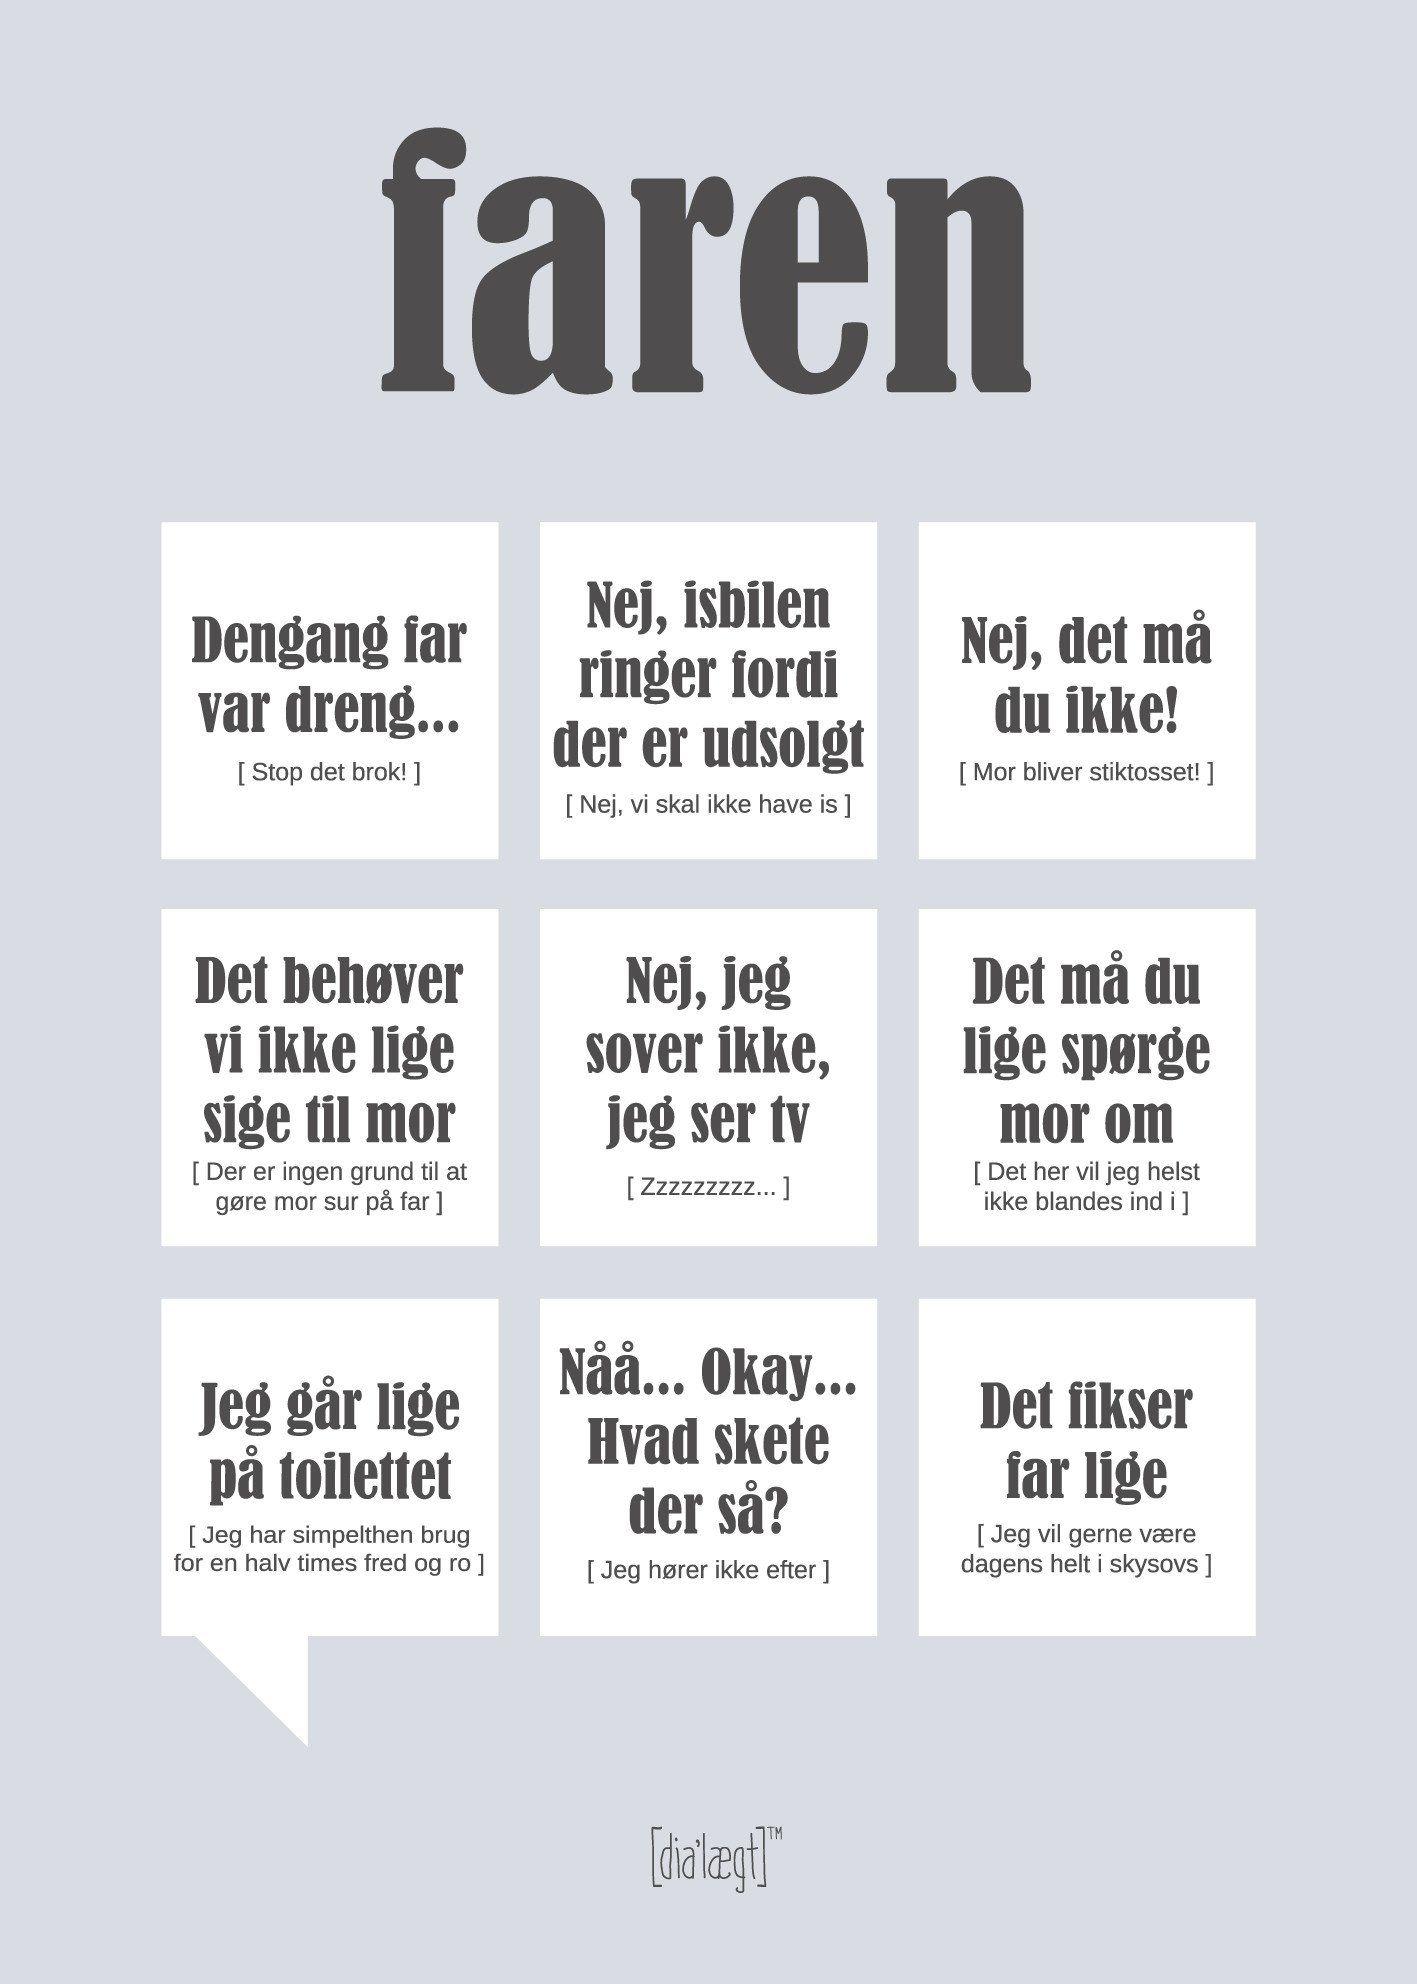 Humoristisk Og Selvironisk Plakat Med Karakteristiske Laerer Udtryk Fa Kant Og Humor Ind I Stuen Med En Plakat Fra Dialaeg Sjove Citater Jokes Citater Sjove Sms